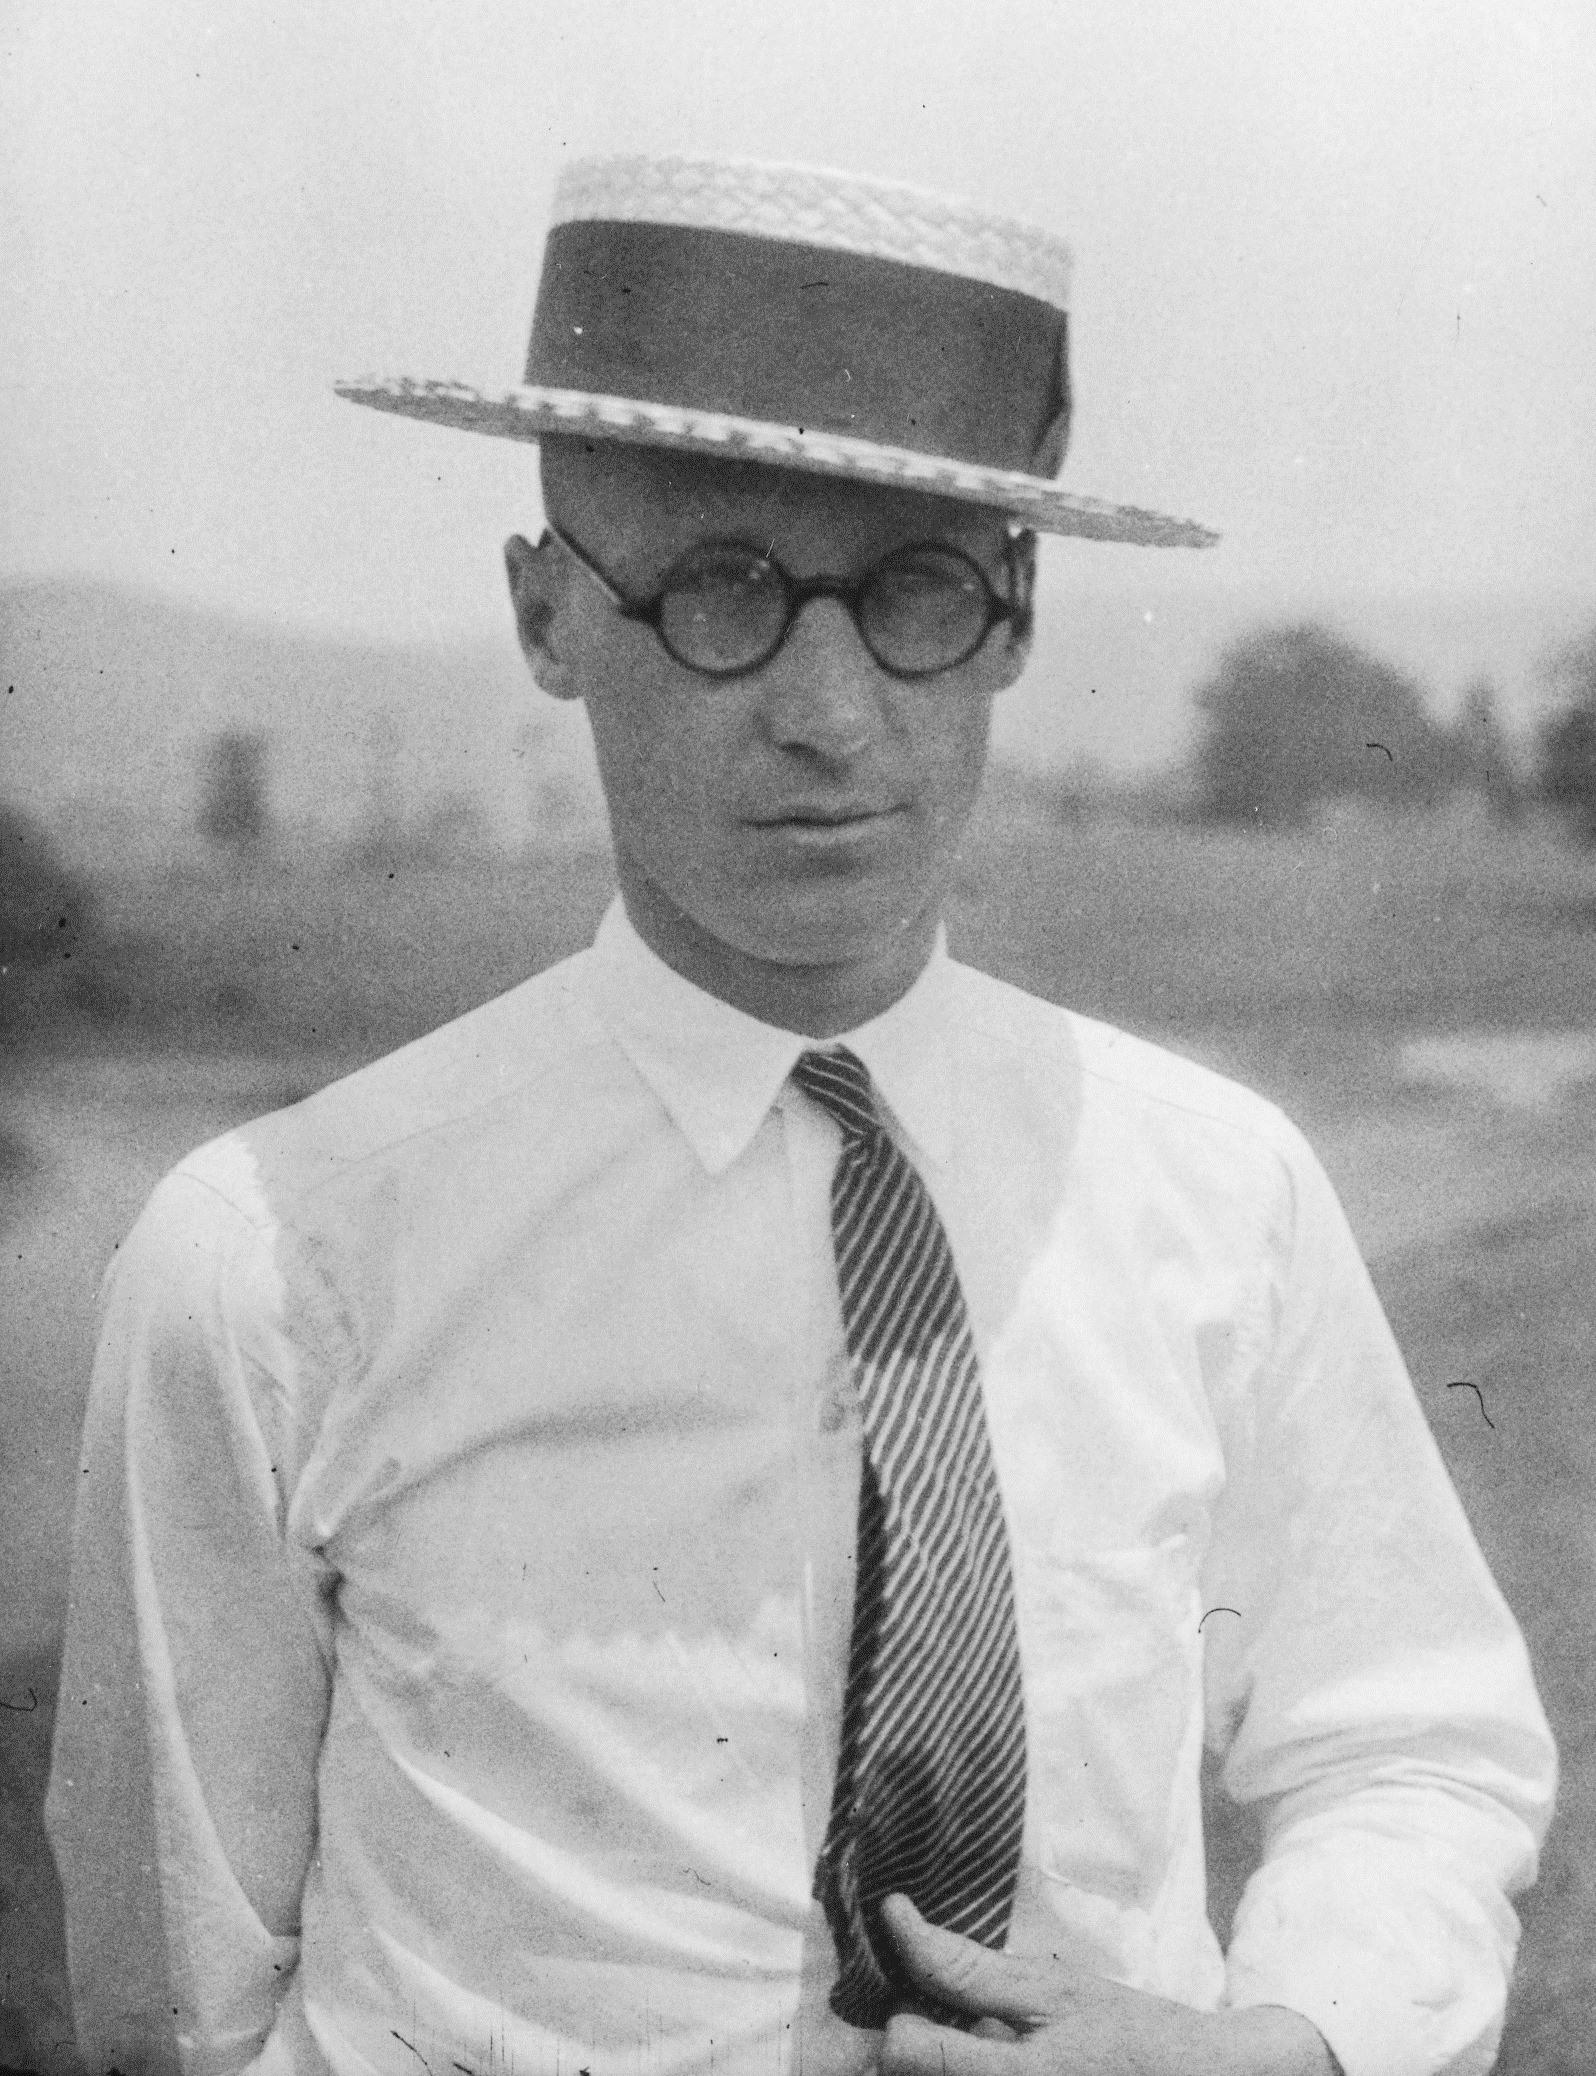 John T. Scopes, 1925